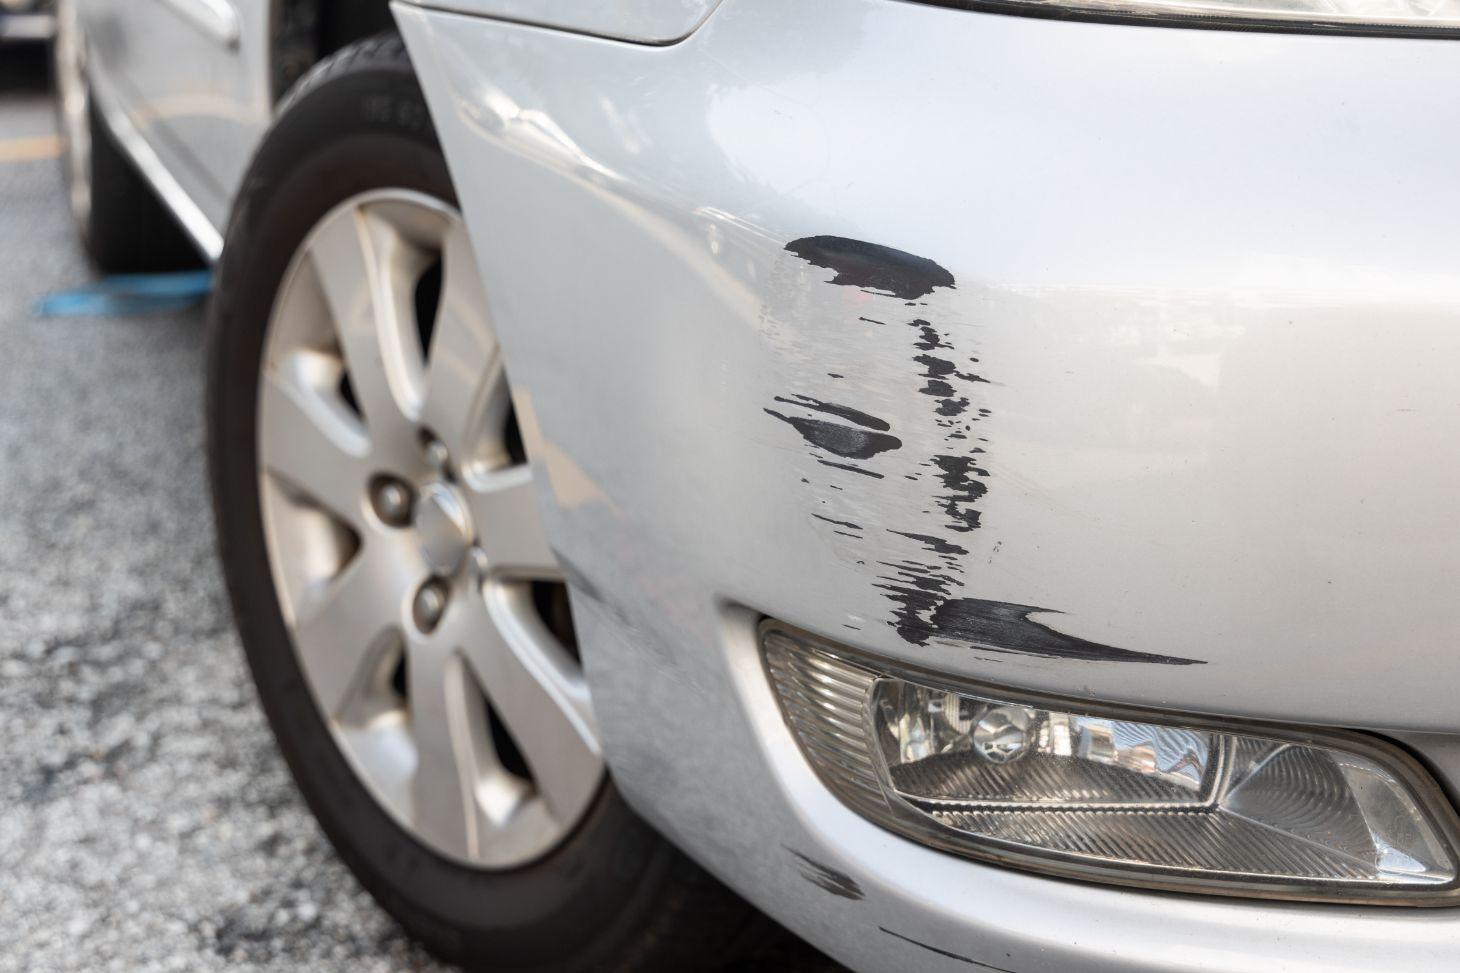 carro prata com arranhado no para choque dianteiro shutterstock